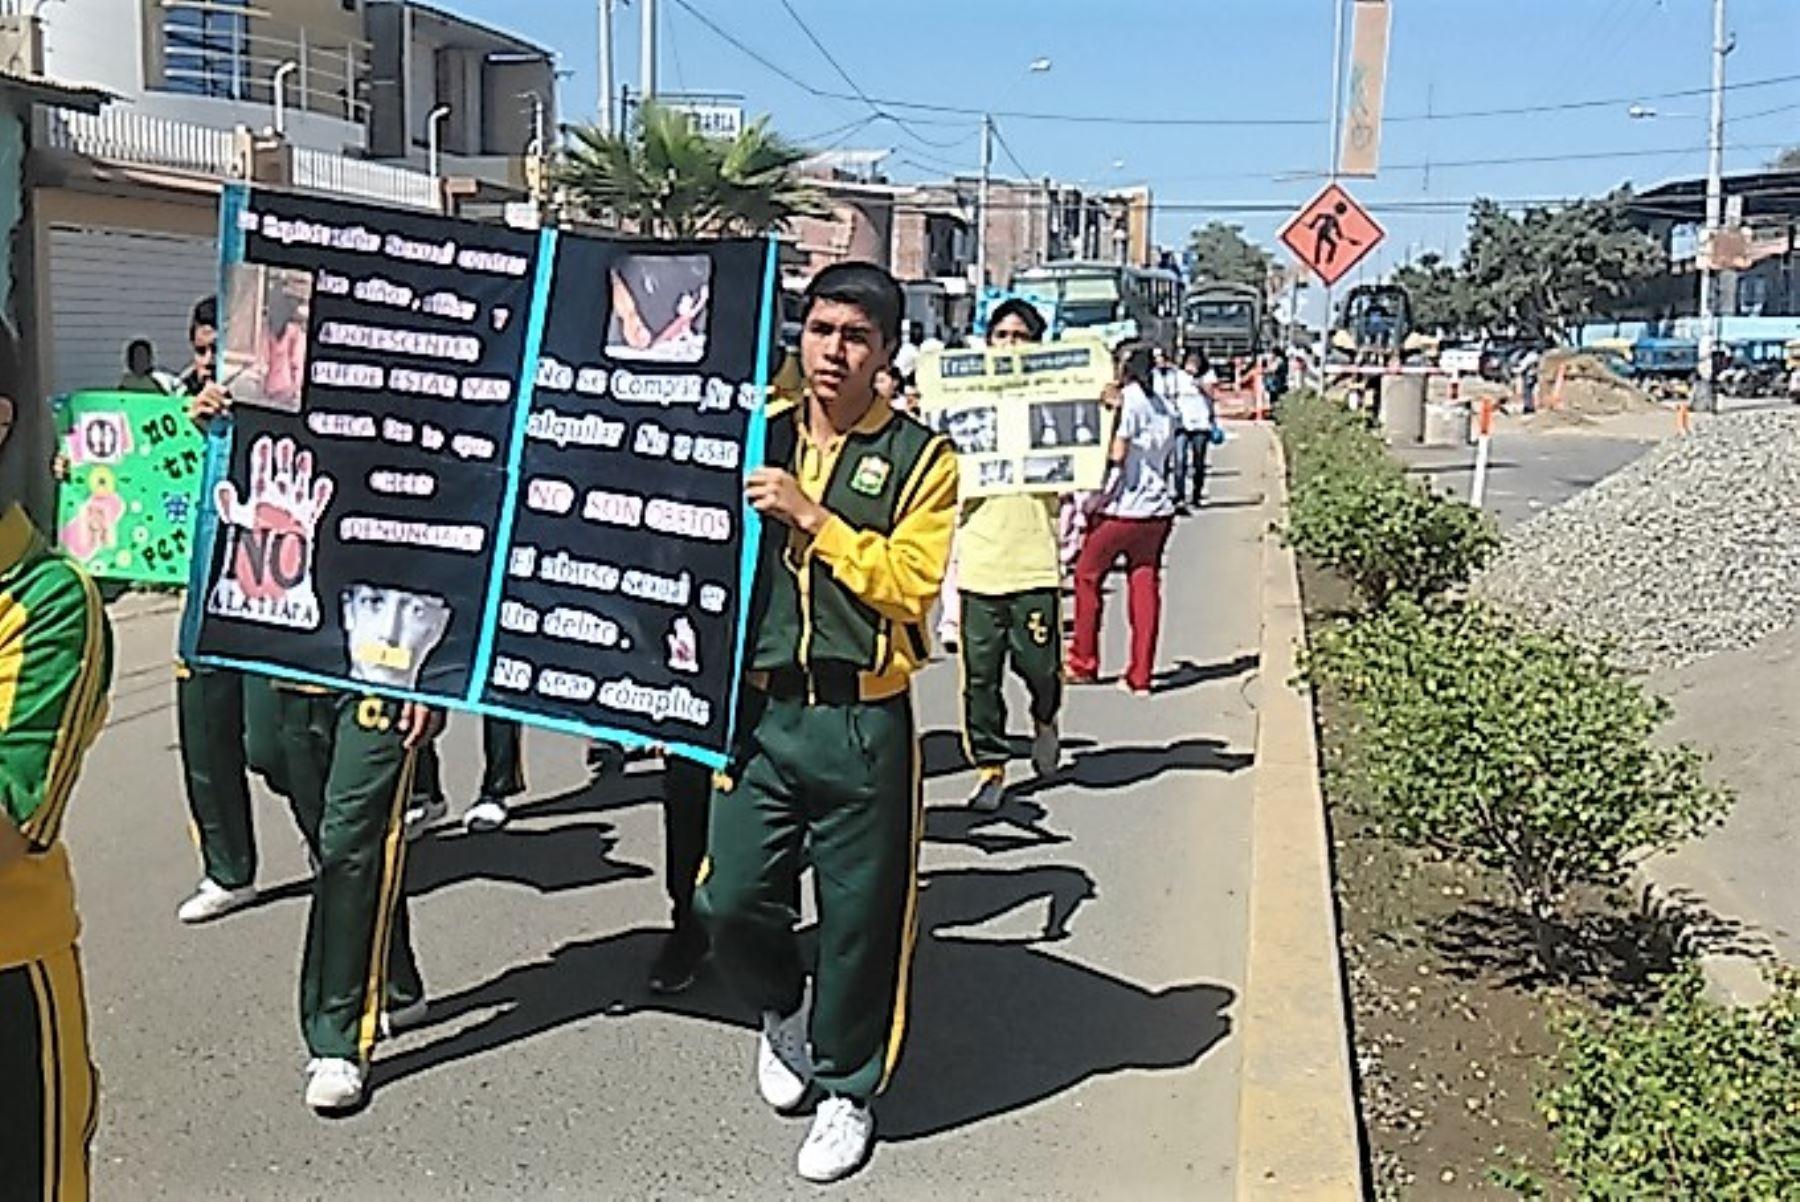 Fiscales escolares de Sullana marchan por la paz y contra trata de personas. ANDINA